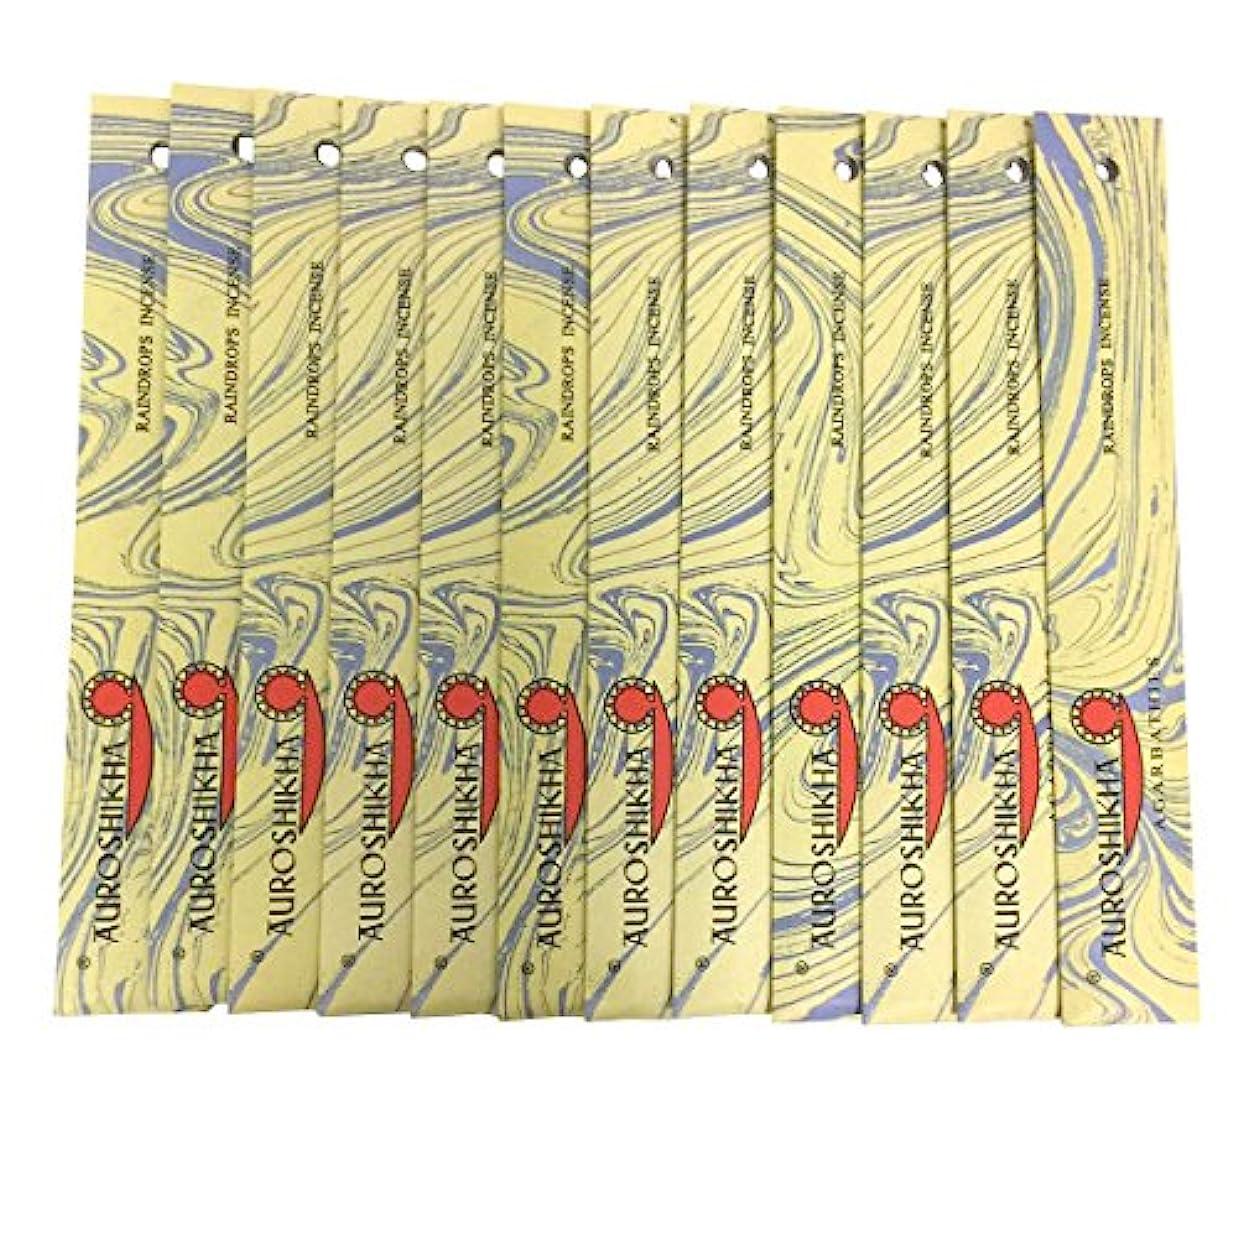 糞迫害ラップトップAUROSHIKHA オウロシカ(RAINDROPSレインドロップ12個セット) マーブルパッケージスティック 送料無料